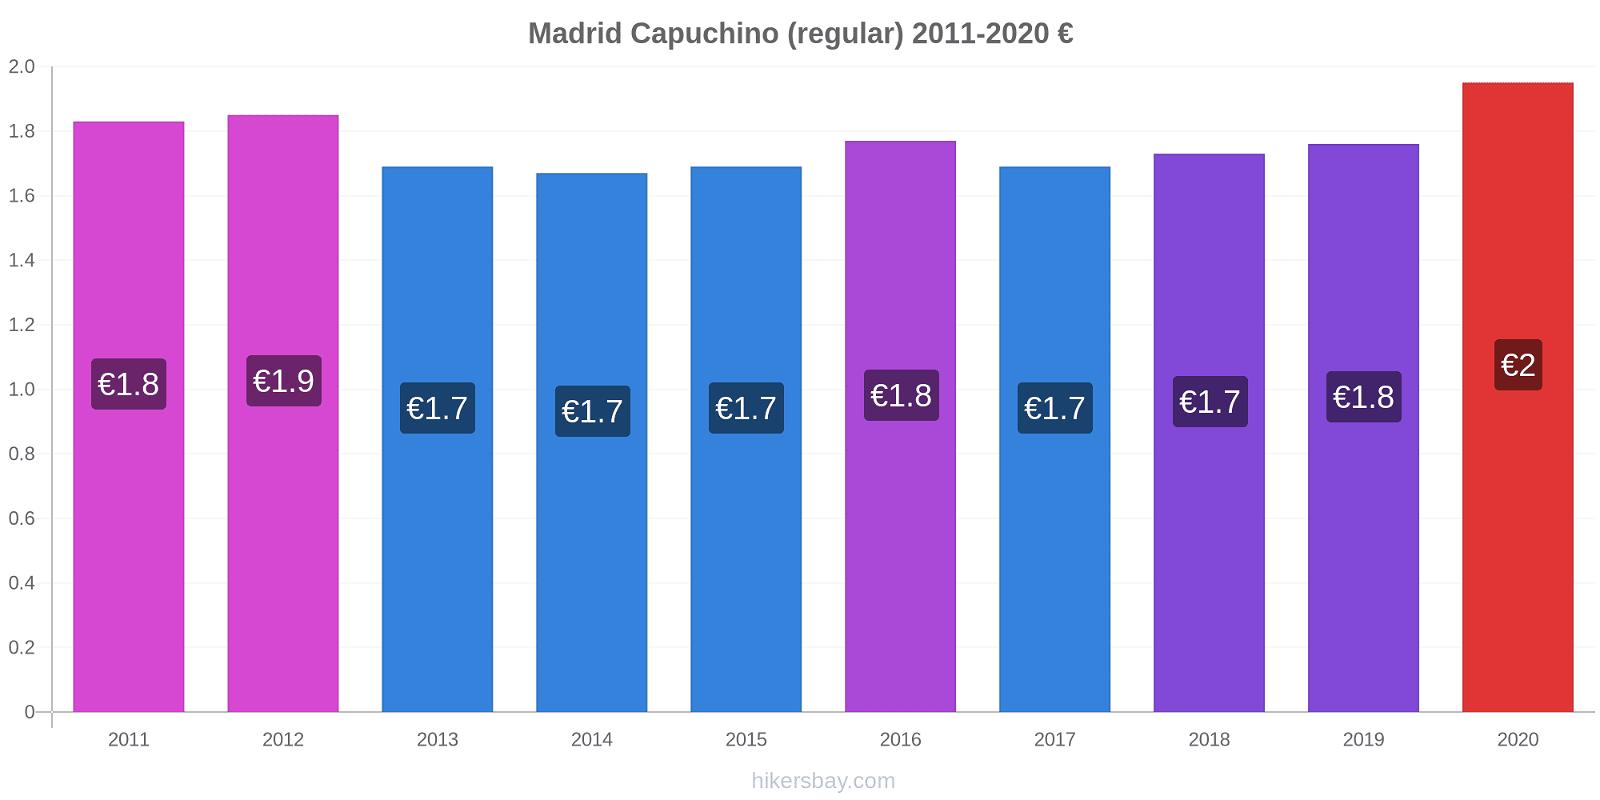 Madrid cambios de precios Capuchino (regular) hikersbay.com